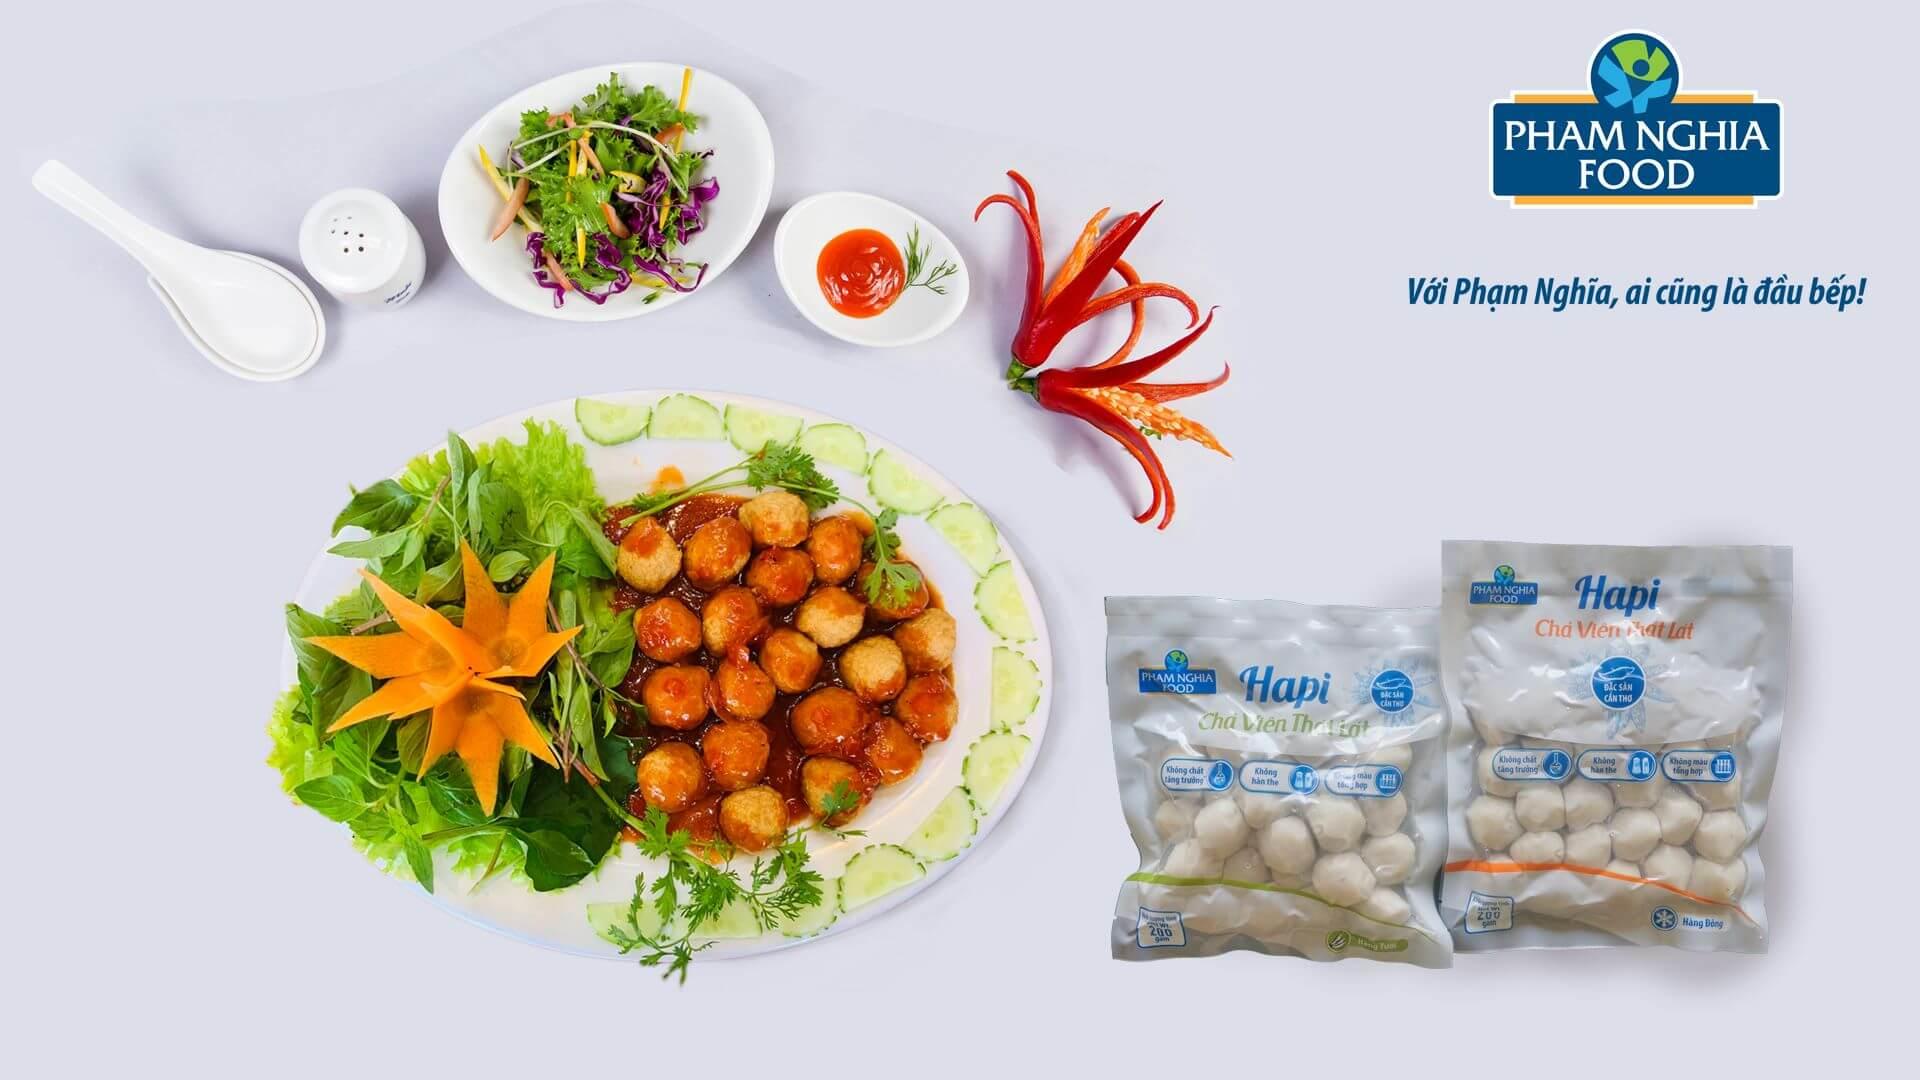 Cá viên PHAM NGHIA FOOD có thể chế biết được nhiều món ăn ngon!